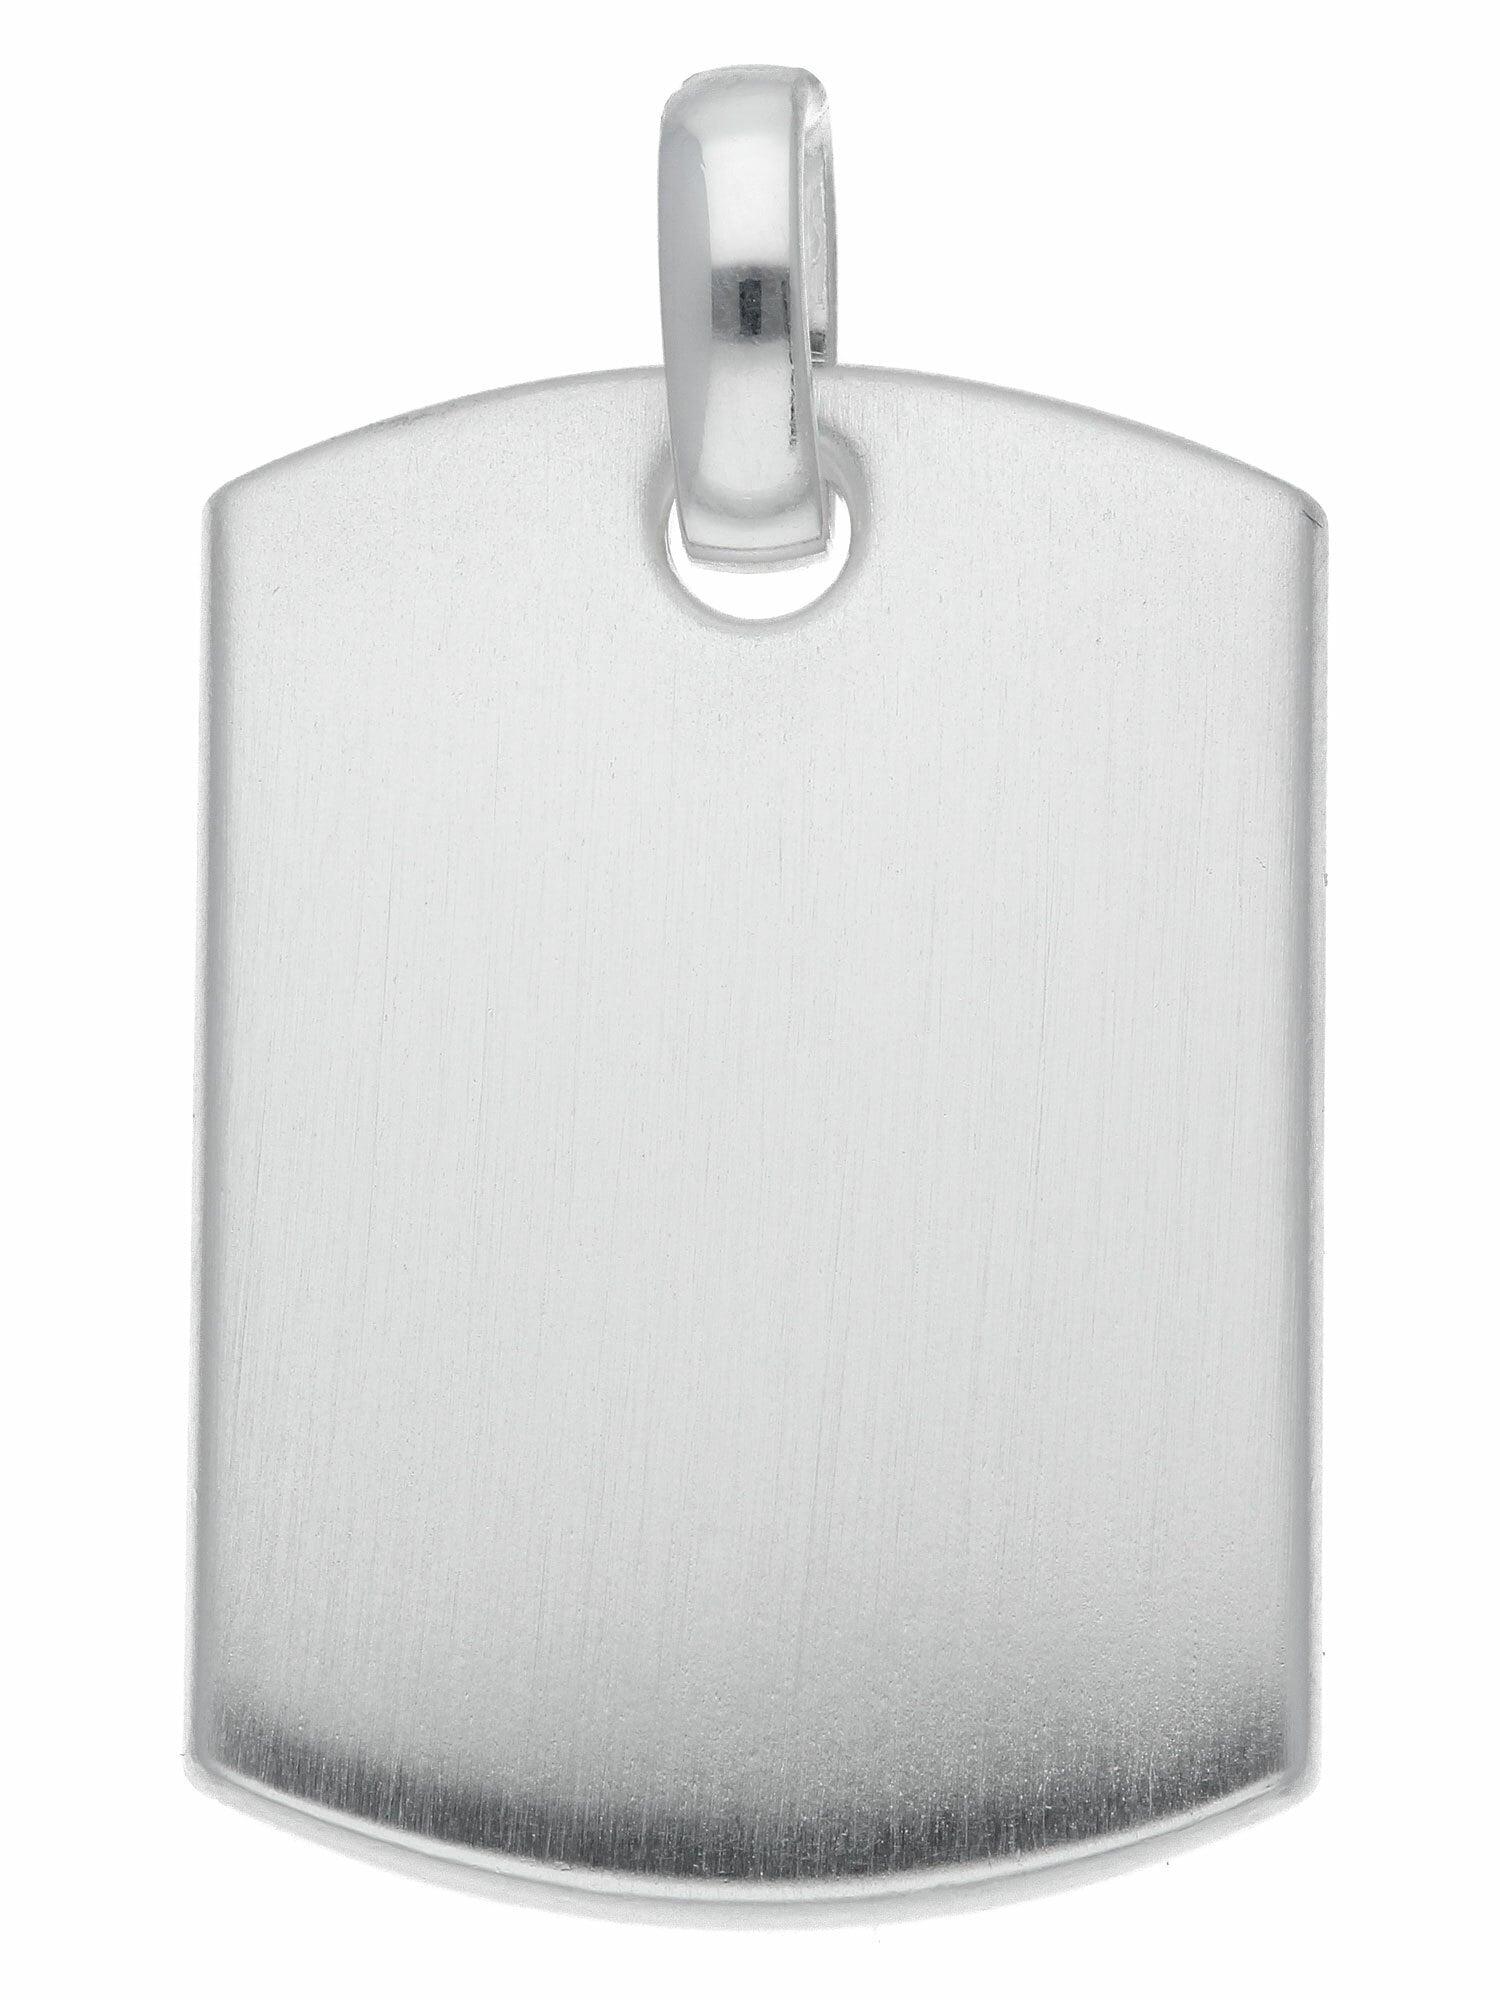 Adelia´s Kettenanhänger 925 Silber Gravurplatte Anhänger, Silberschmuck für günstig online kaufen